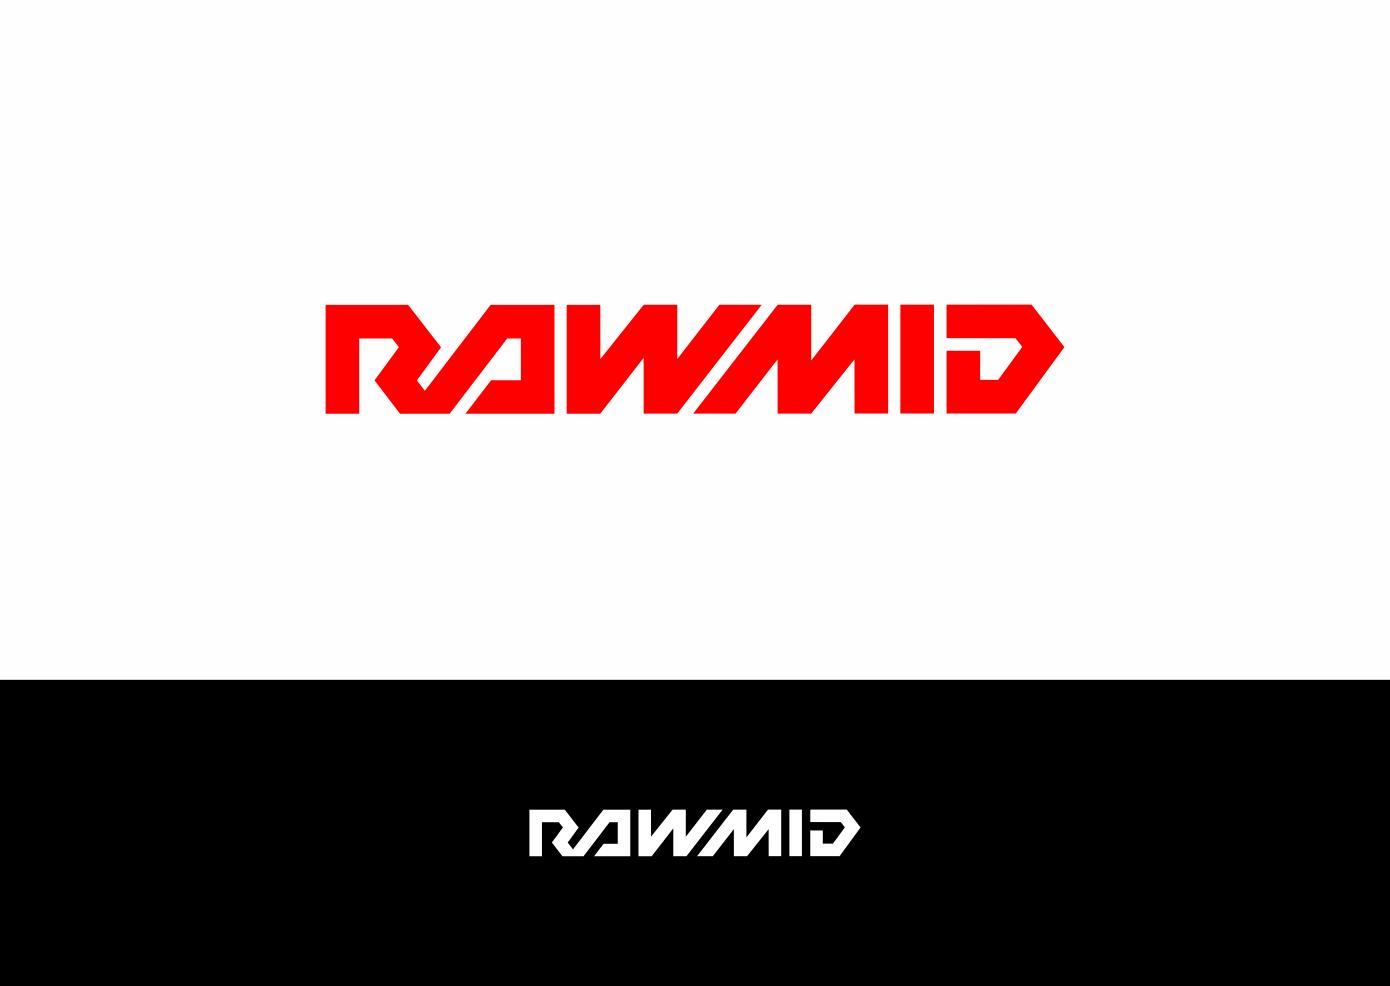 Создать логотип (буквенная часть) для бренда бытовой техники фото f_2395b33c5e9ce70b.png